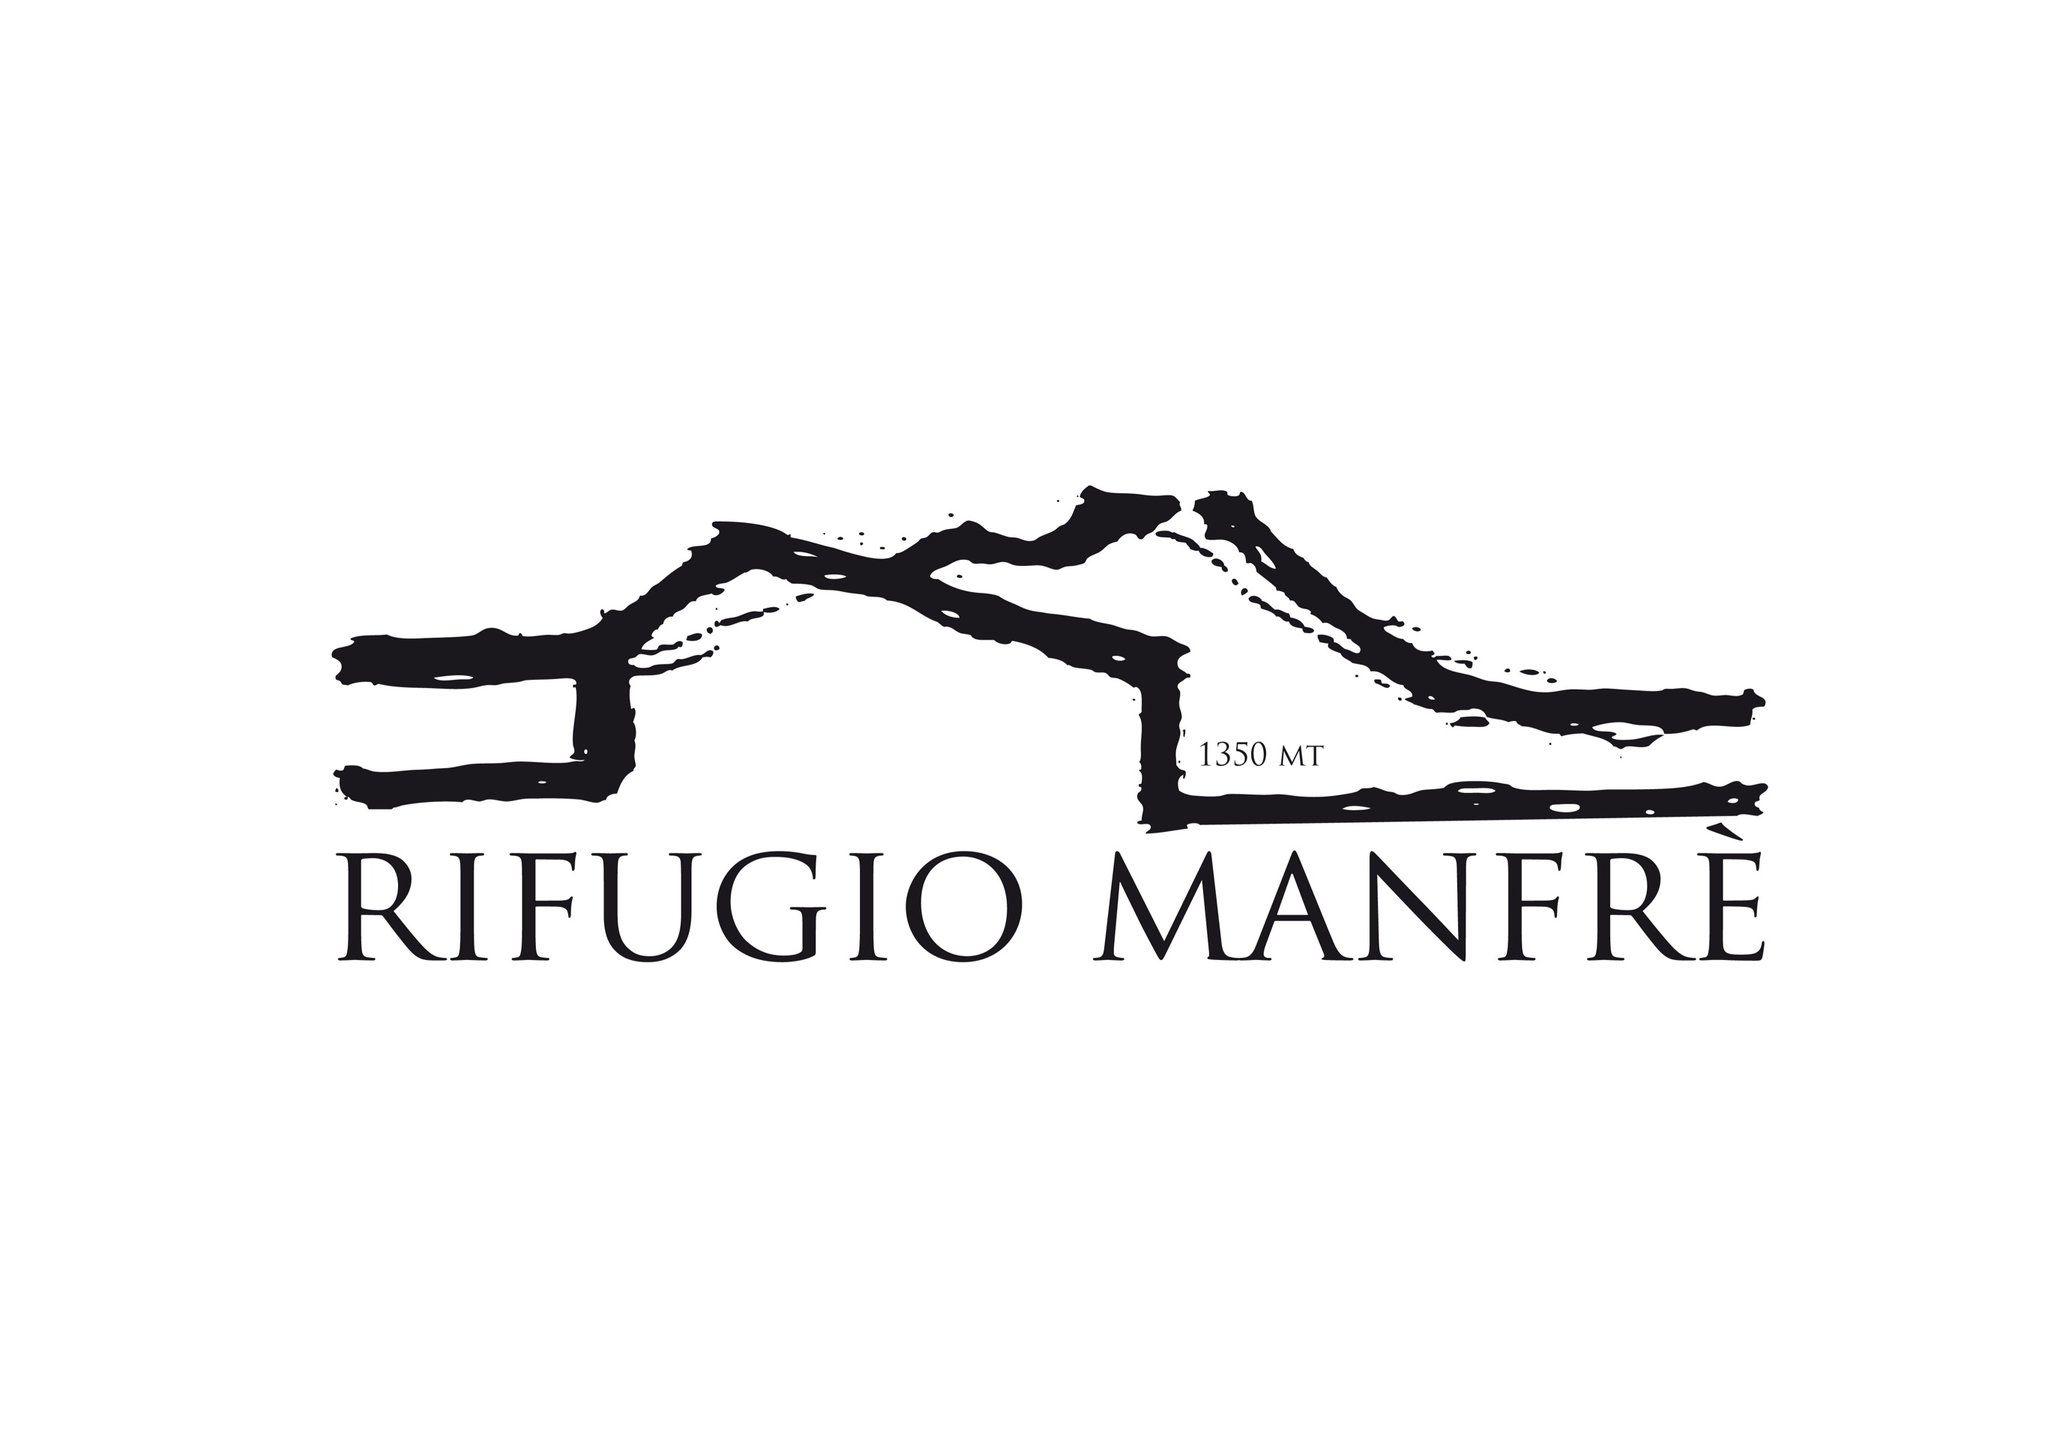 Rifugio Manfre